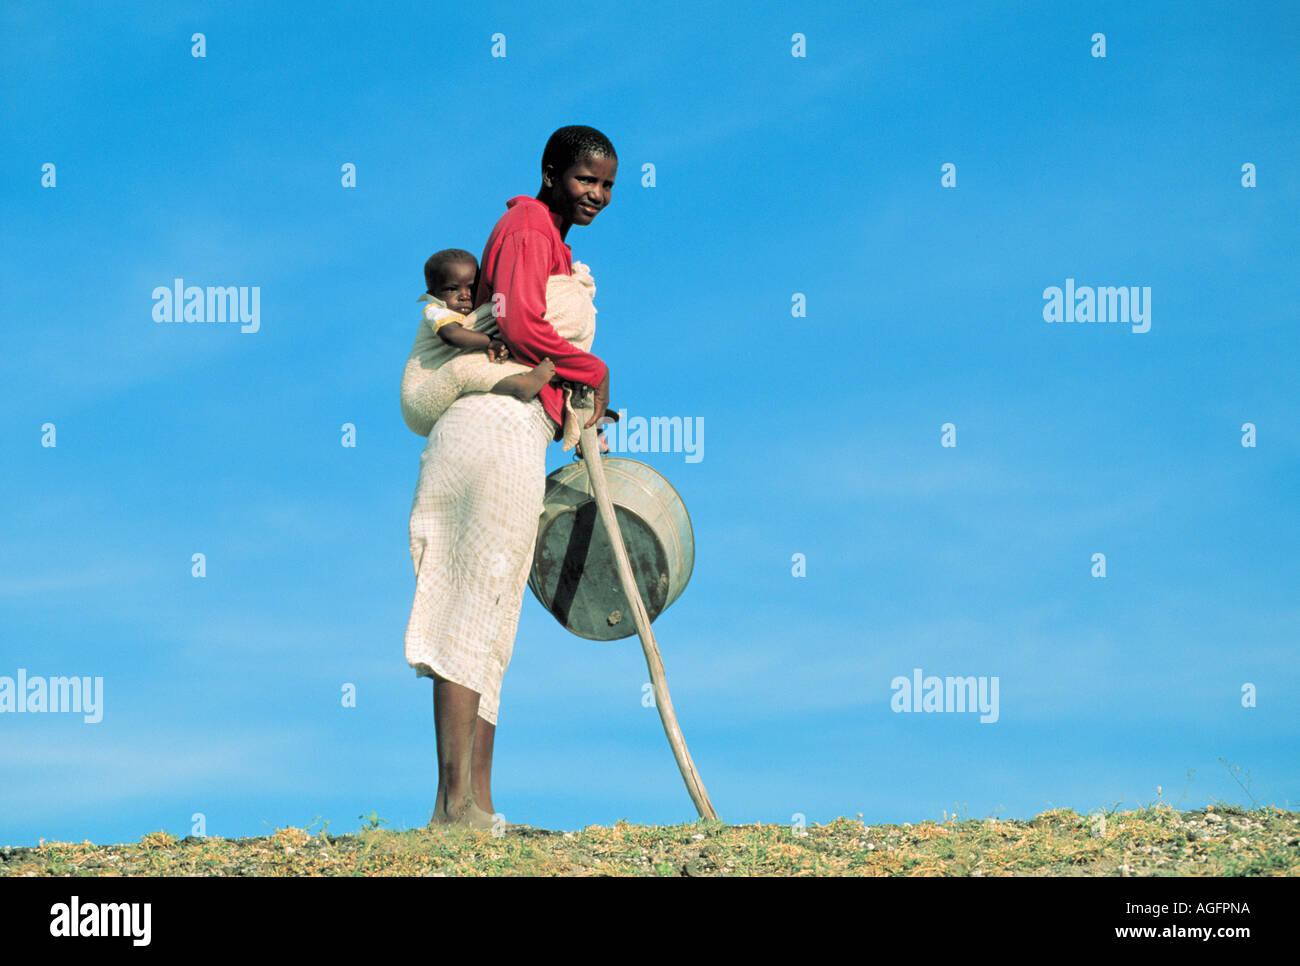 female farmer carrying child on her back, Botswana - Stock Image